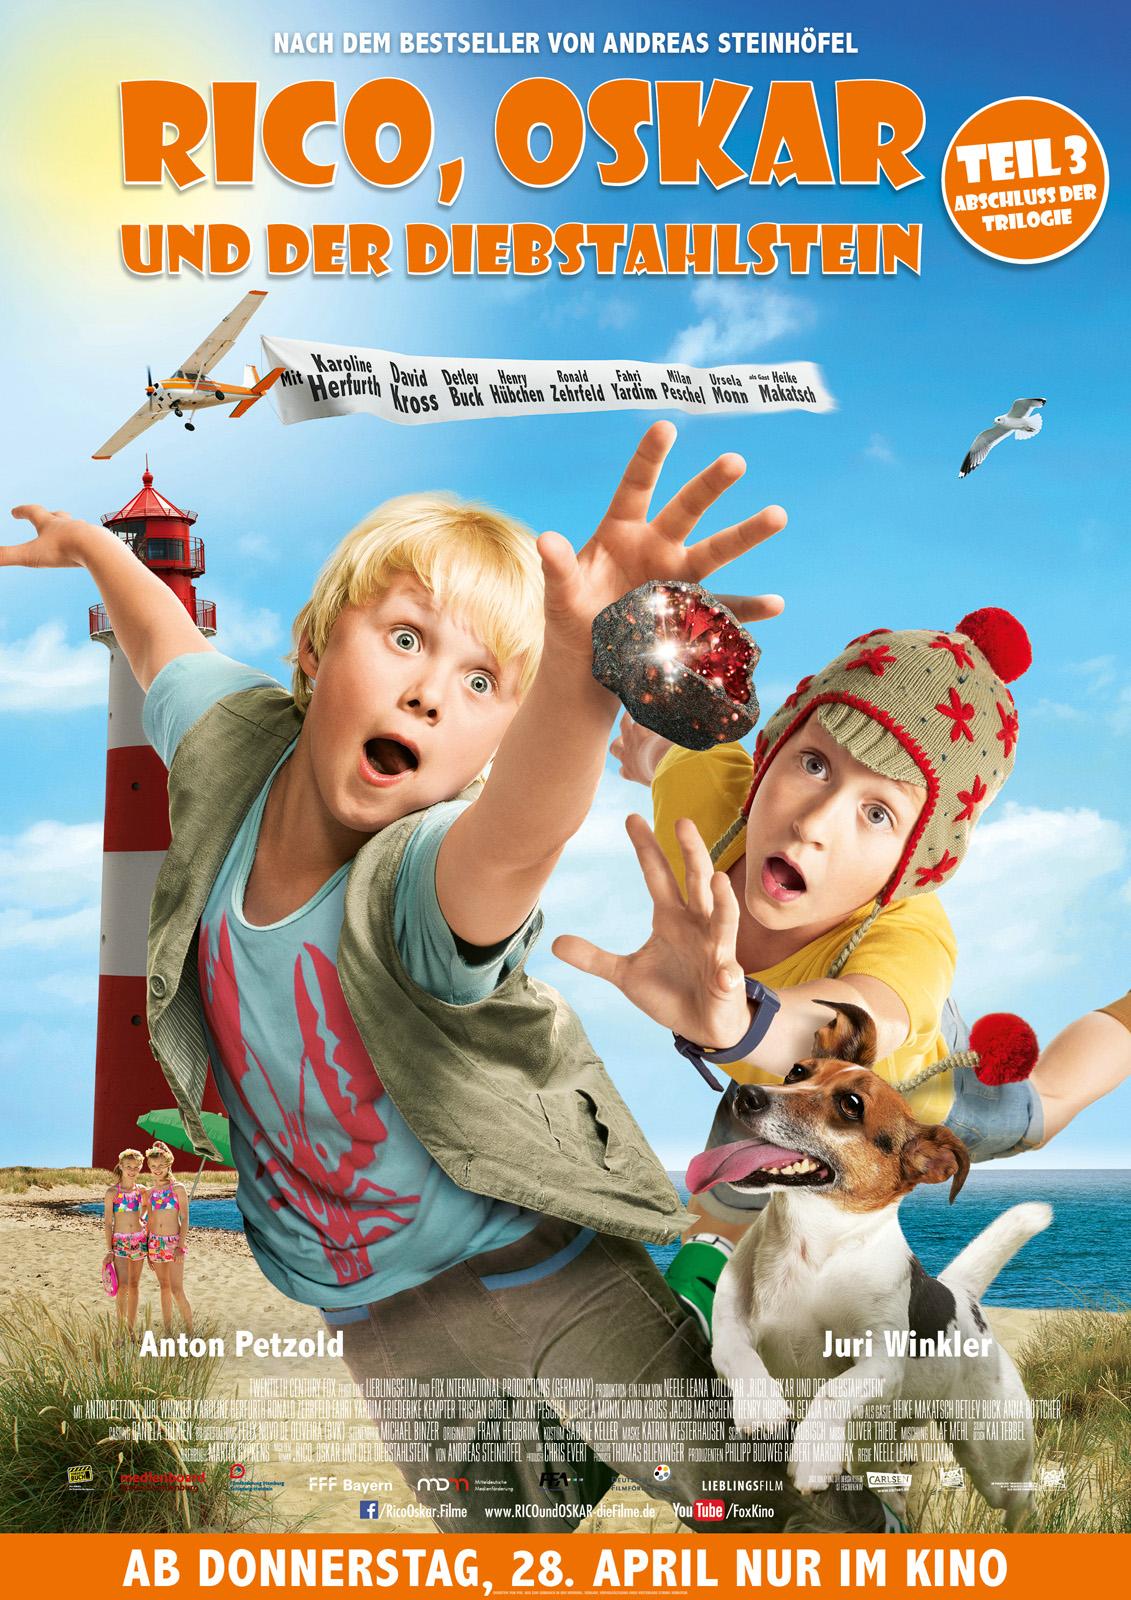 rico oskar und der diebstahlstein 2016 imdb - Andreas Steinhfel Lebenslauf